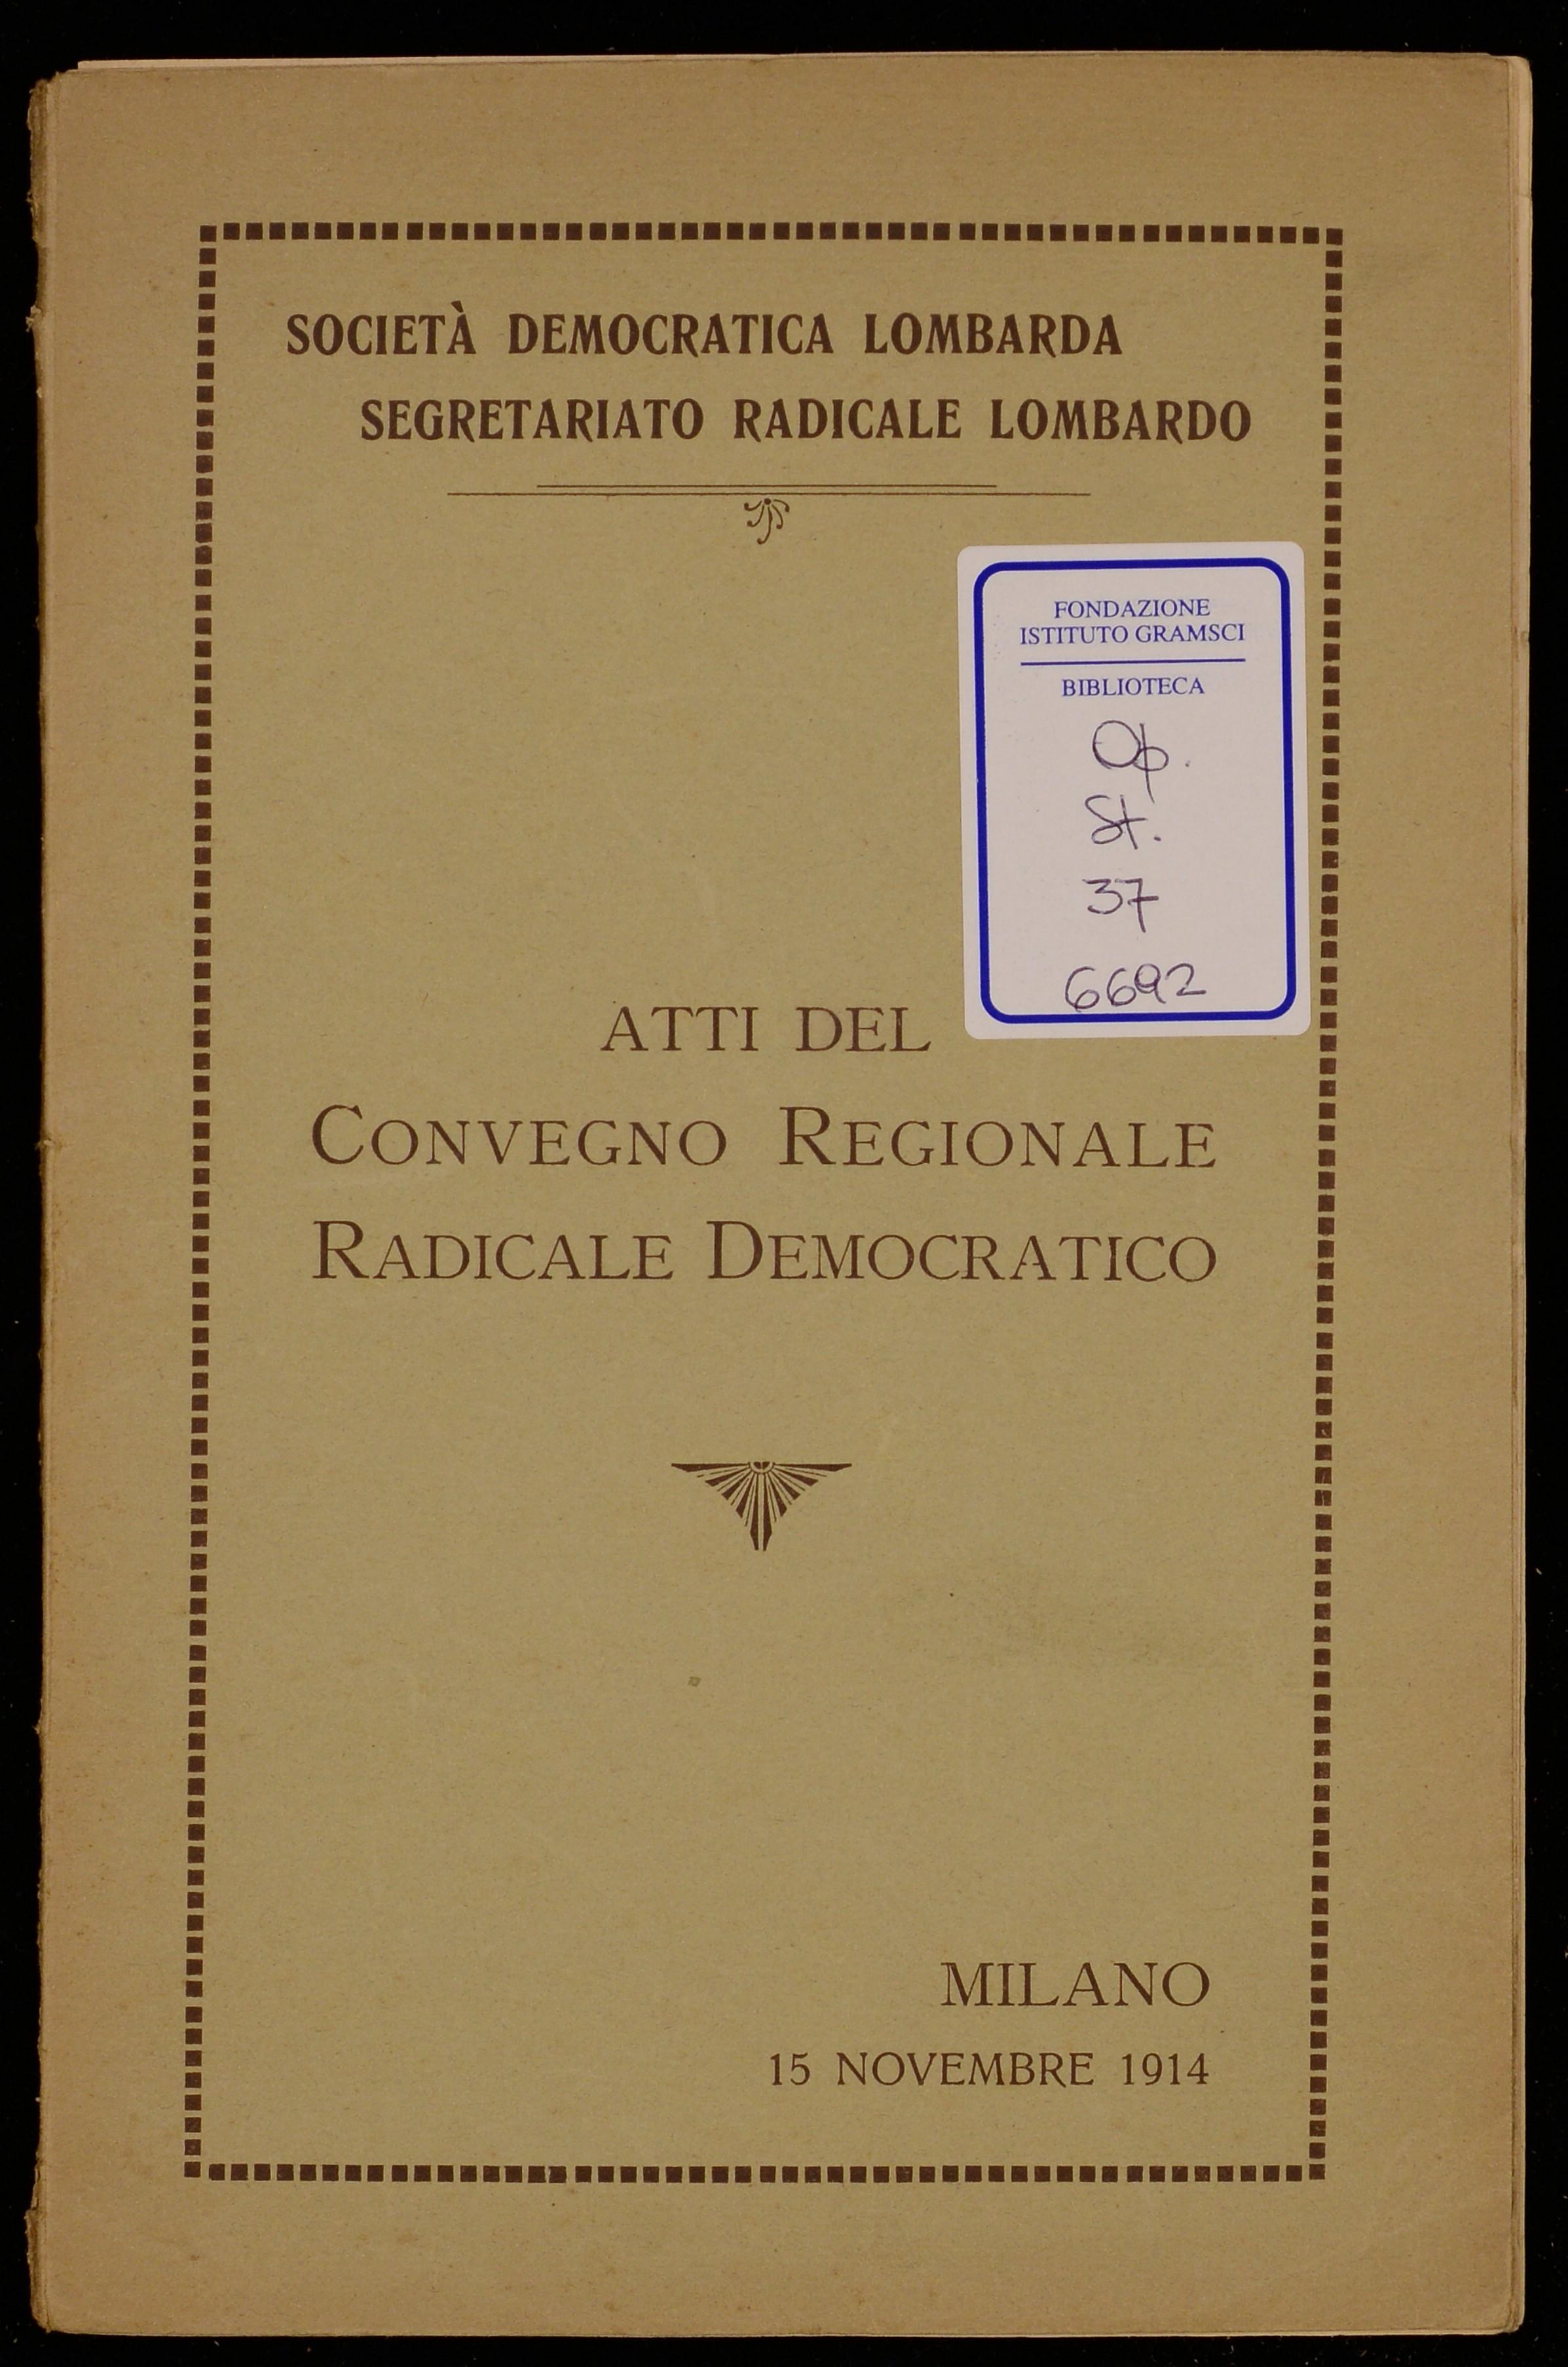 Atti del Convegno regionale radicale democratico